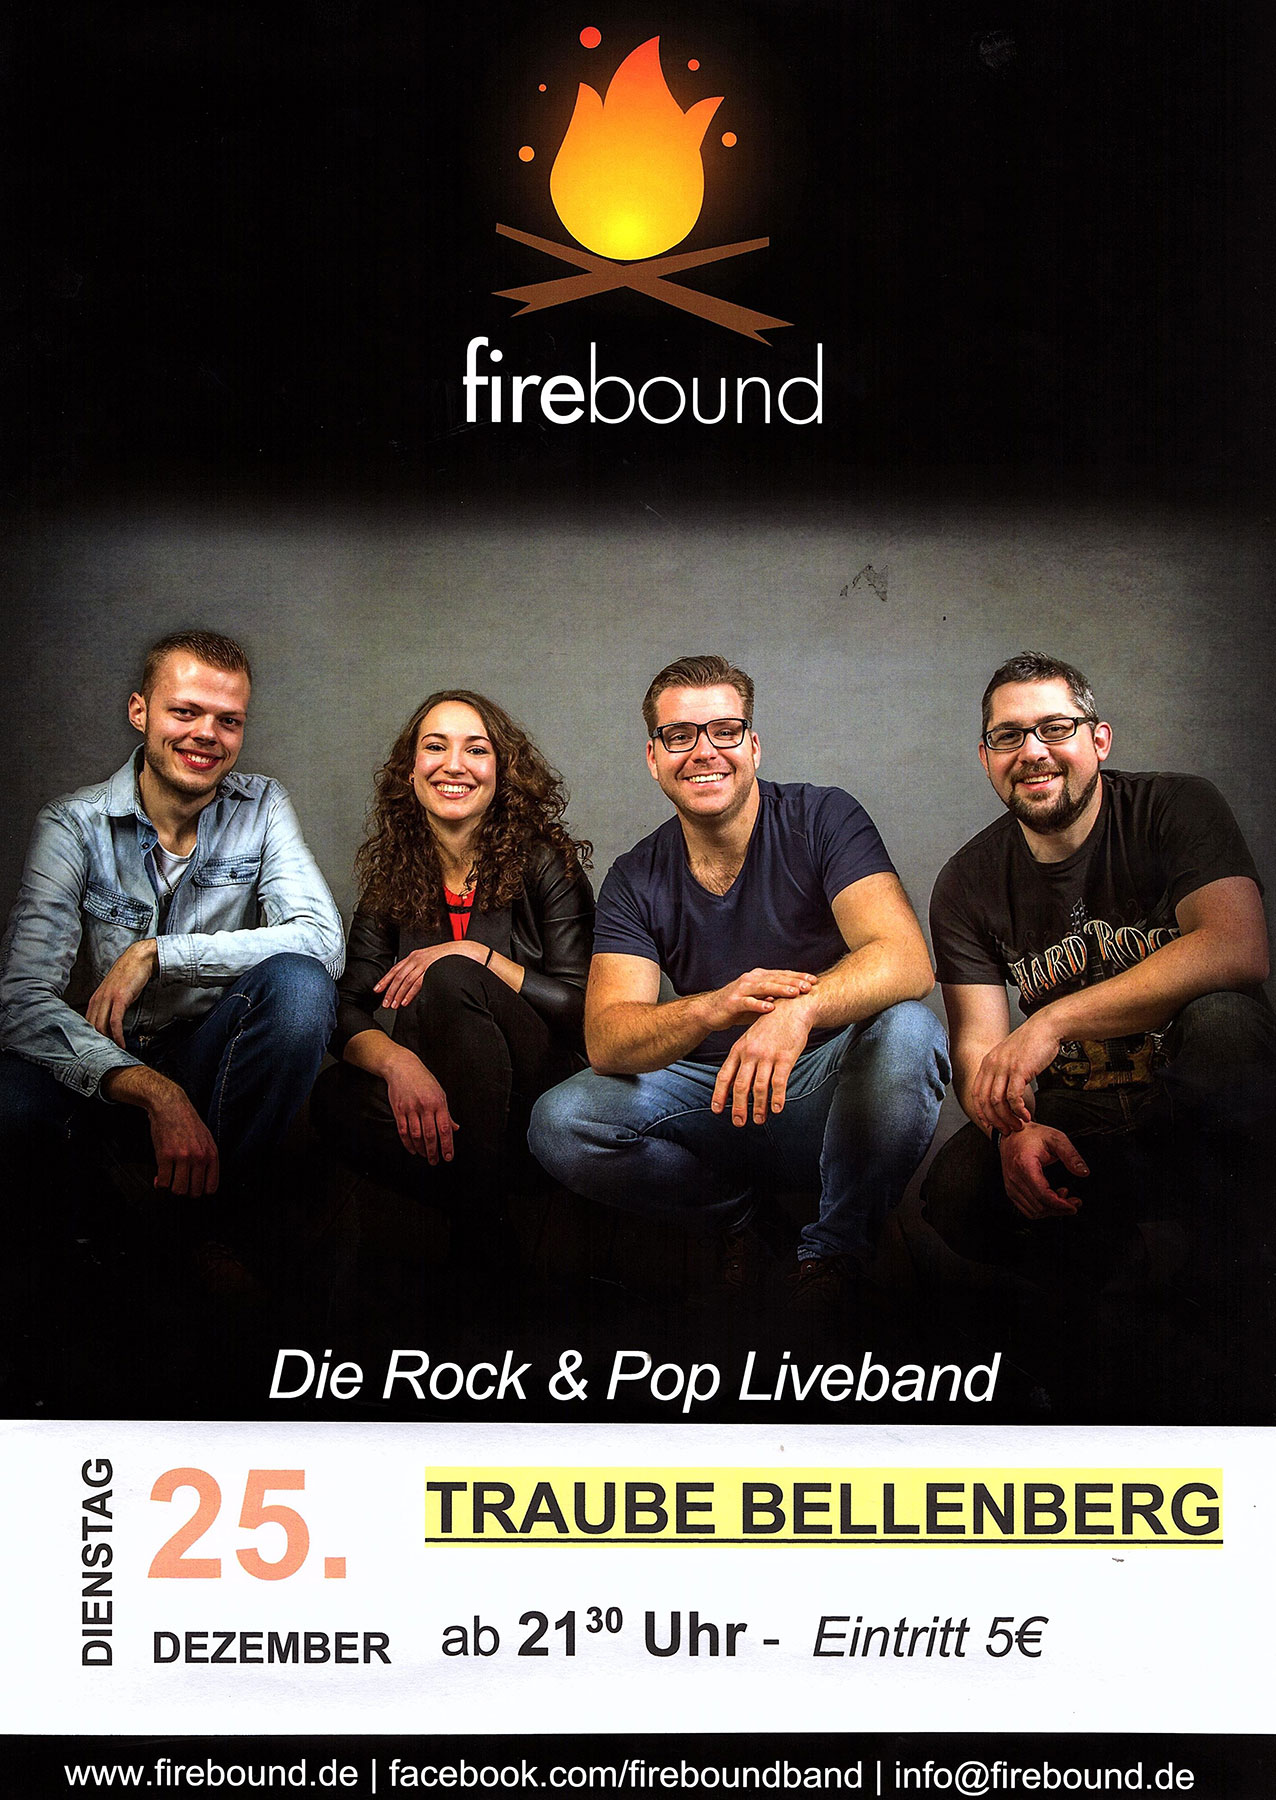 Firebound